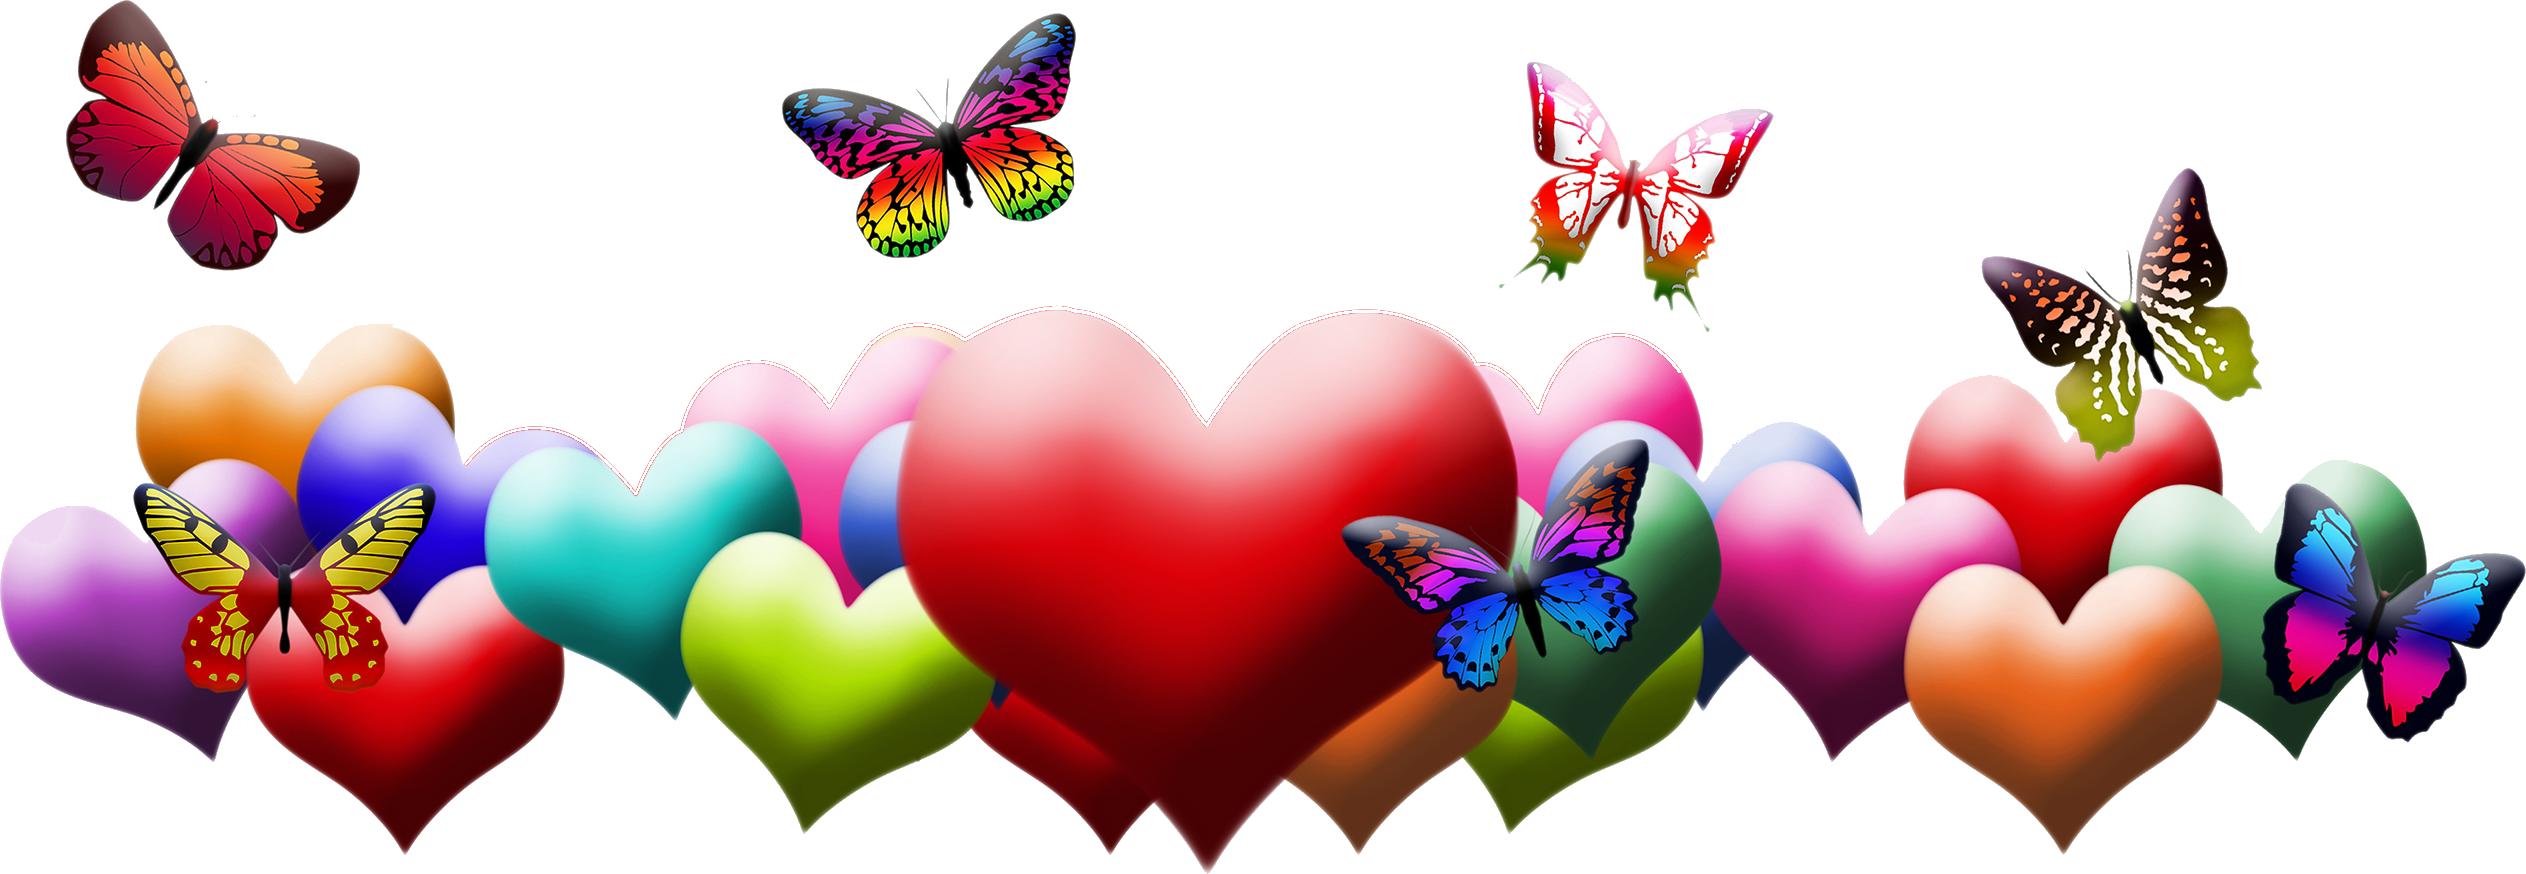 Картинки по запросу разделители с бабочкой